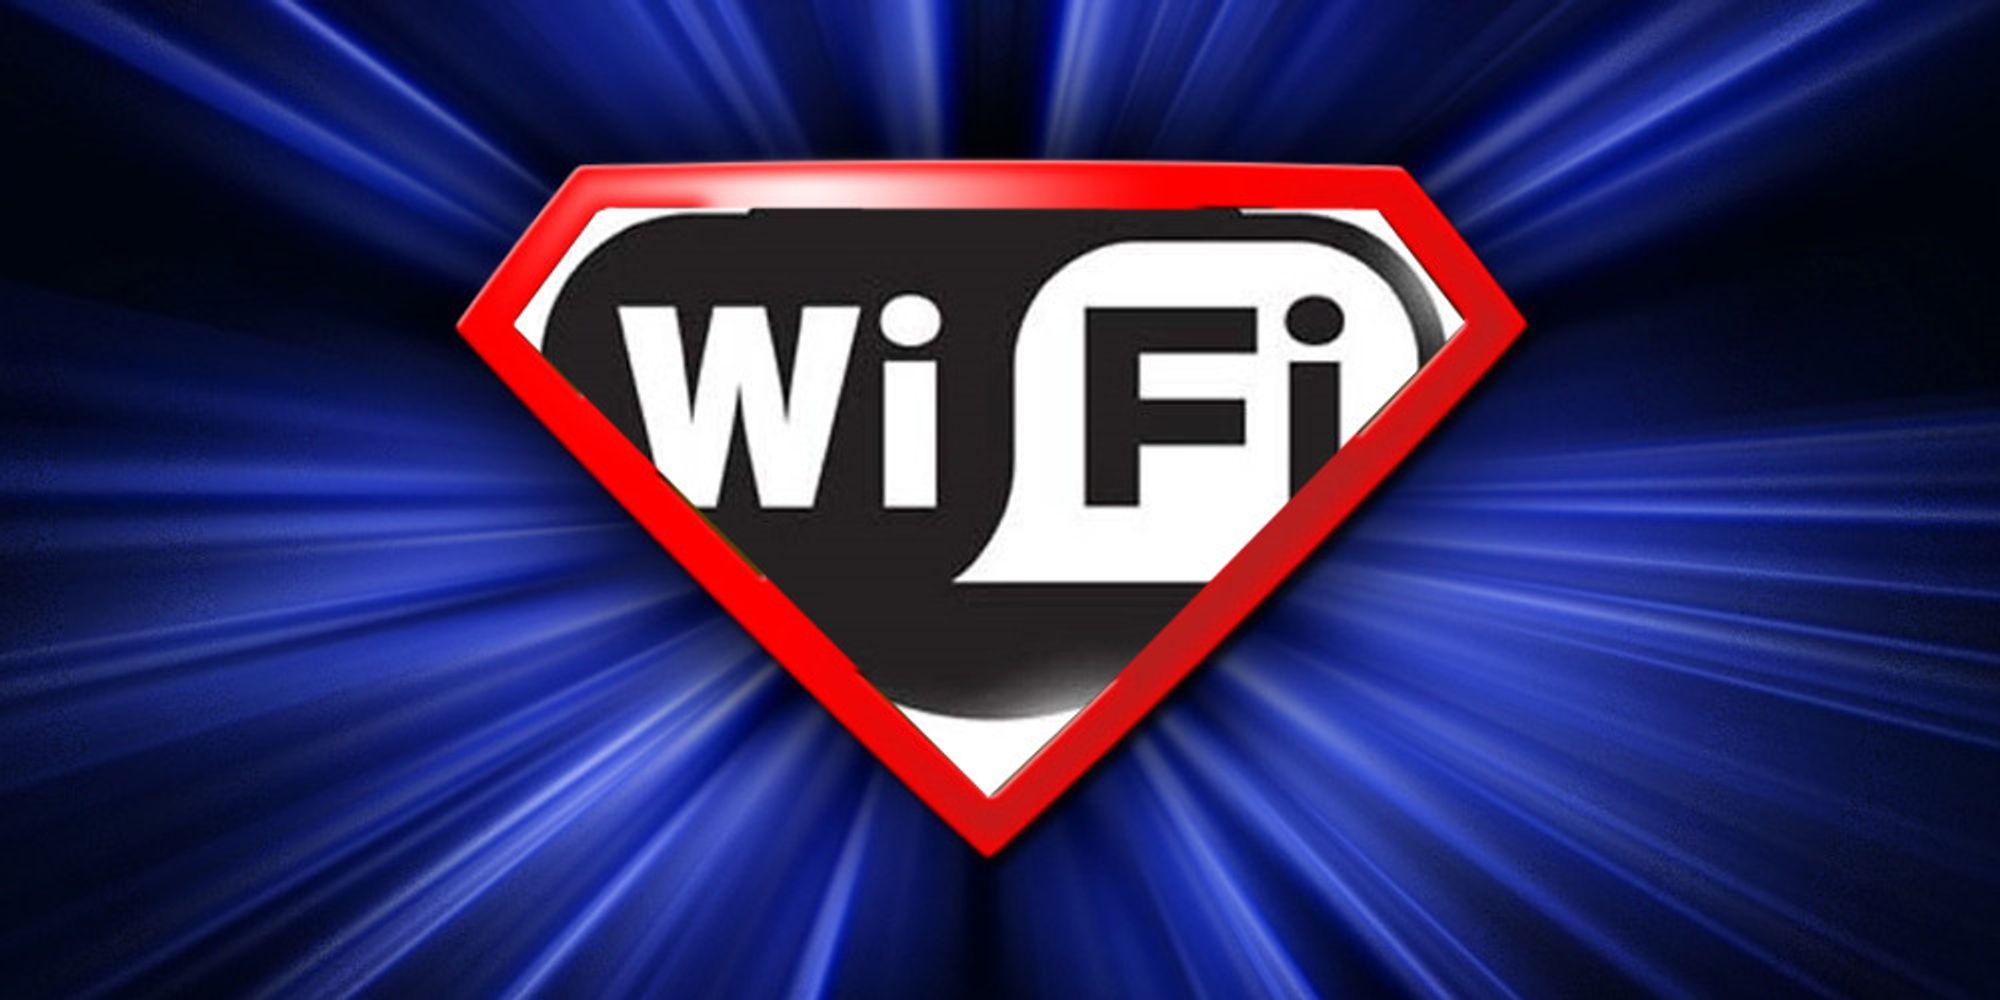 Nå blir Wi-Fi virkelig kjapt